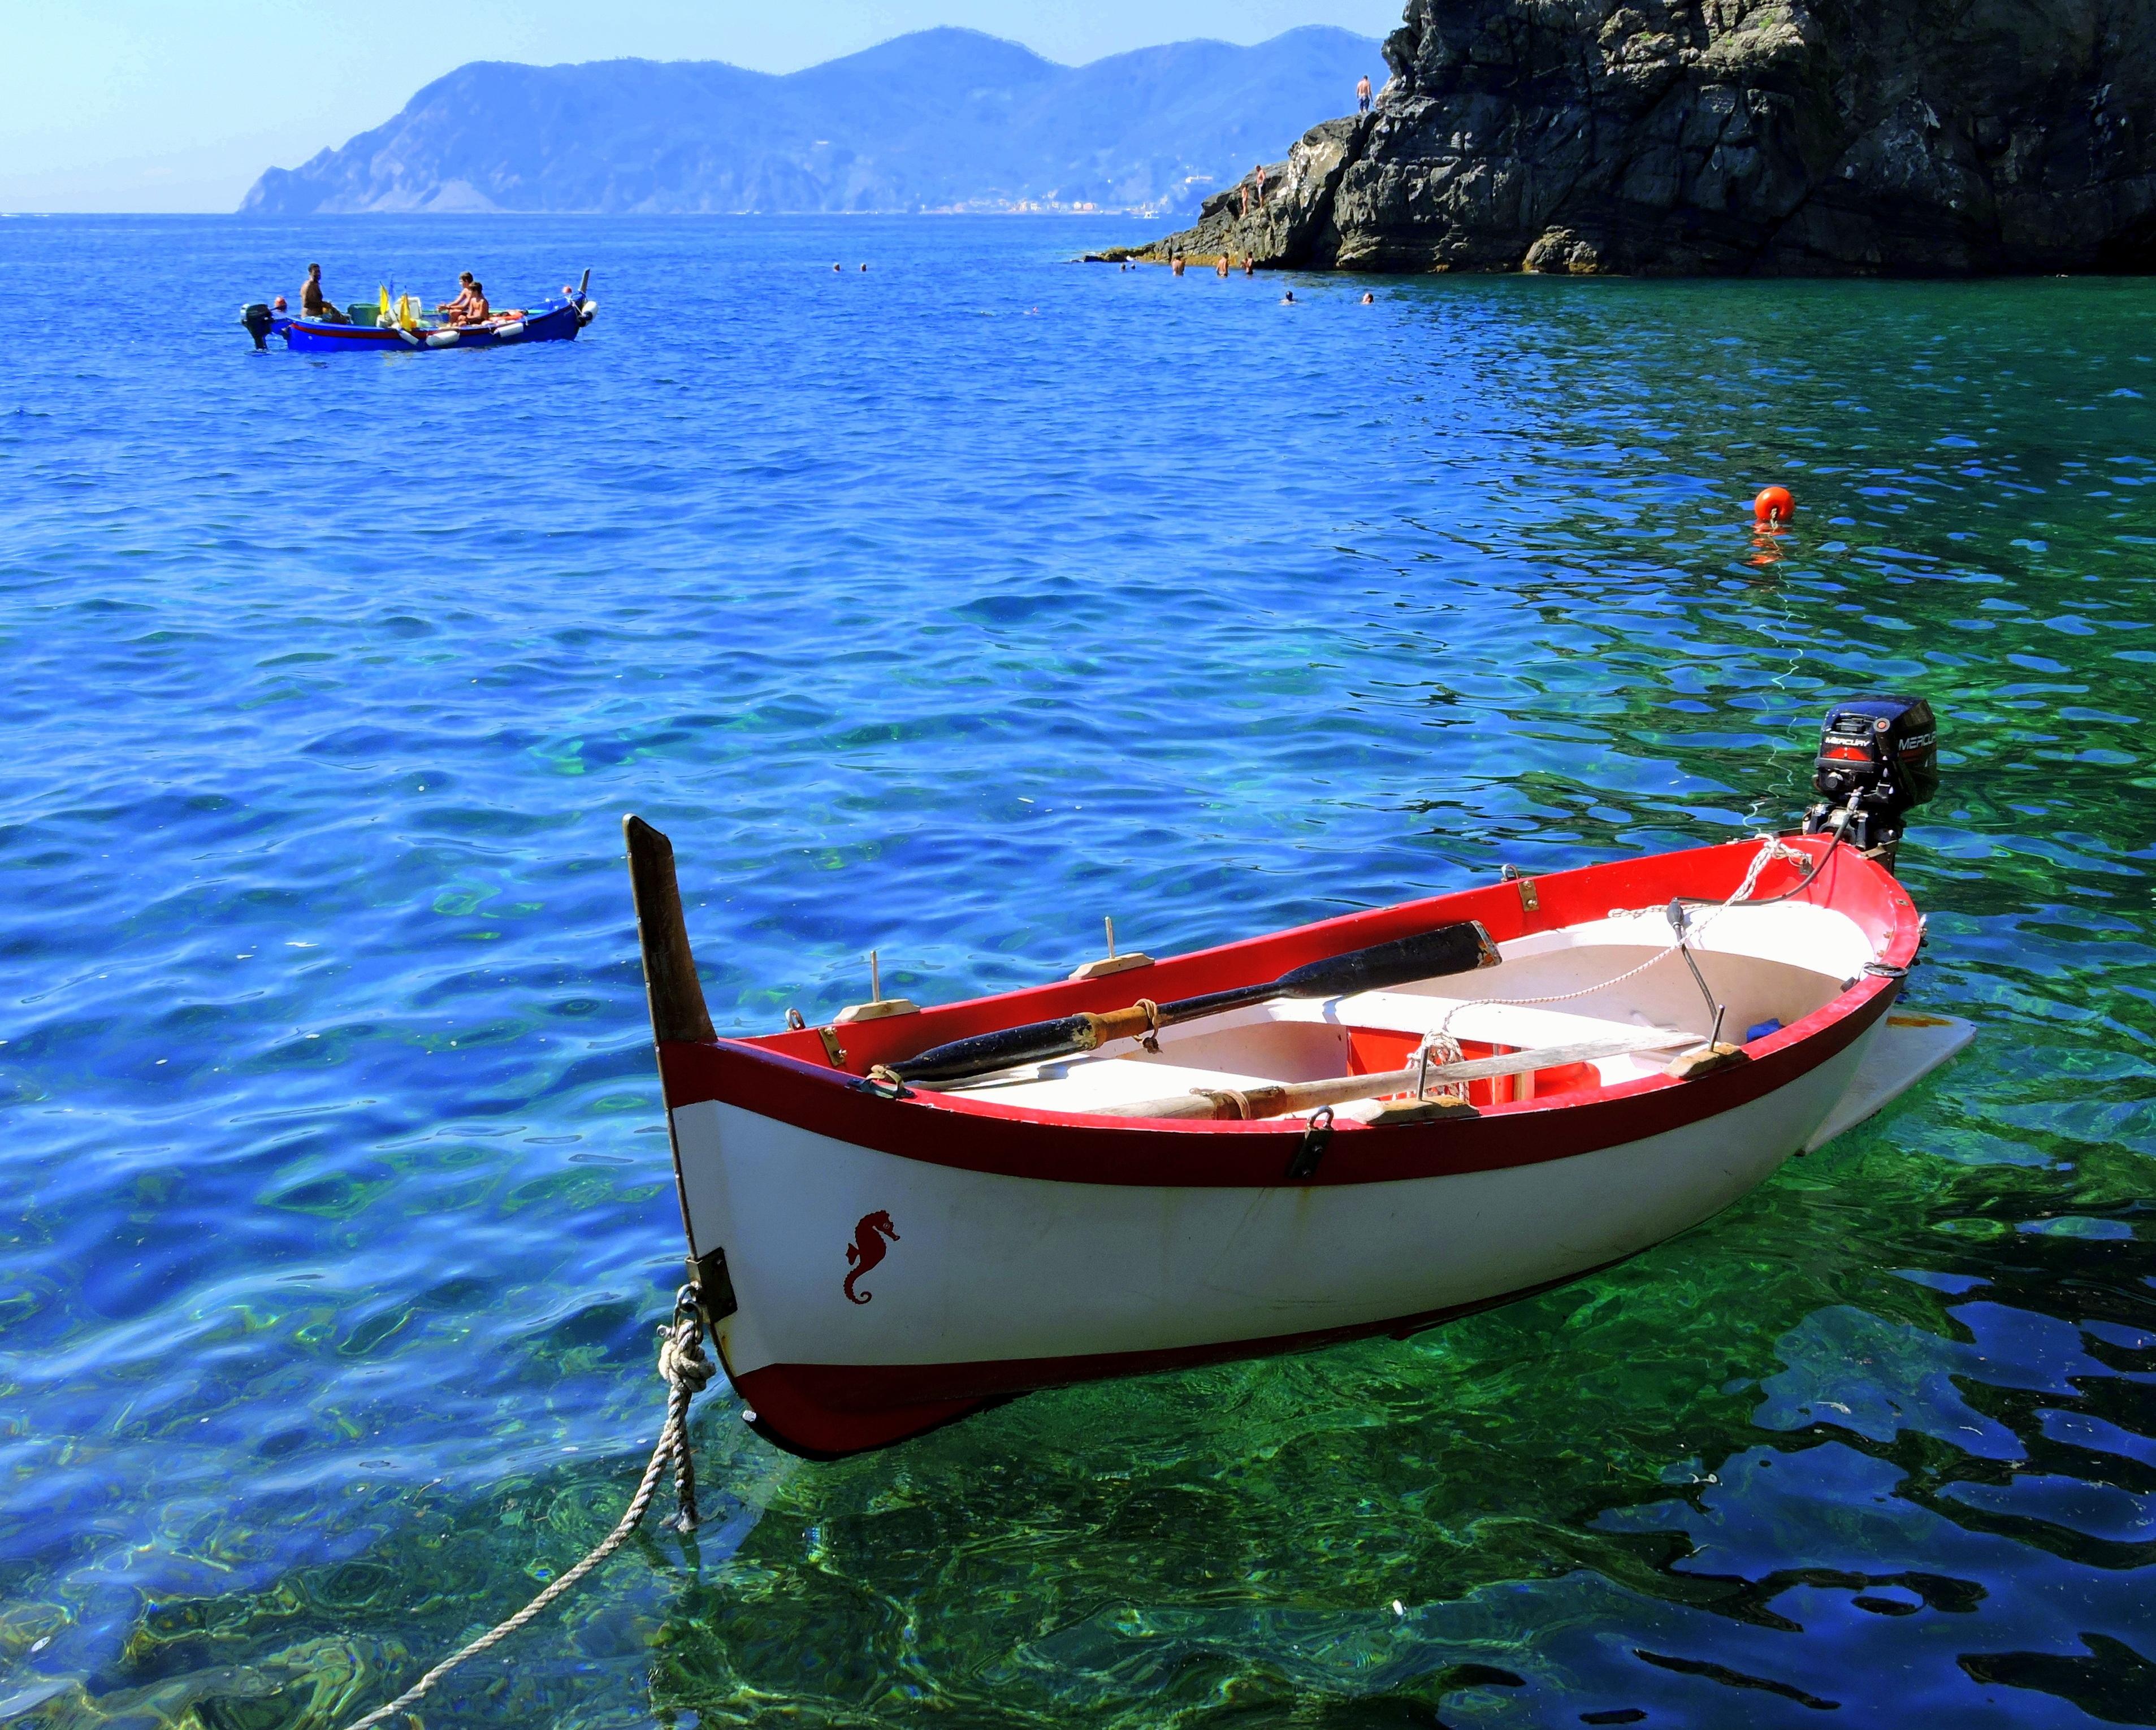 мультяшные фото картинок лодок клиентов